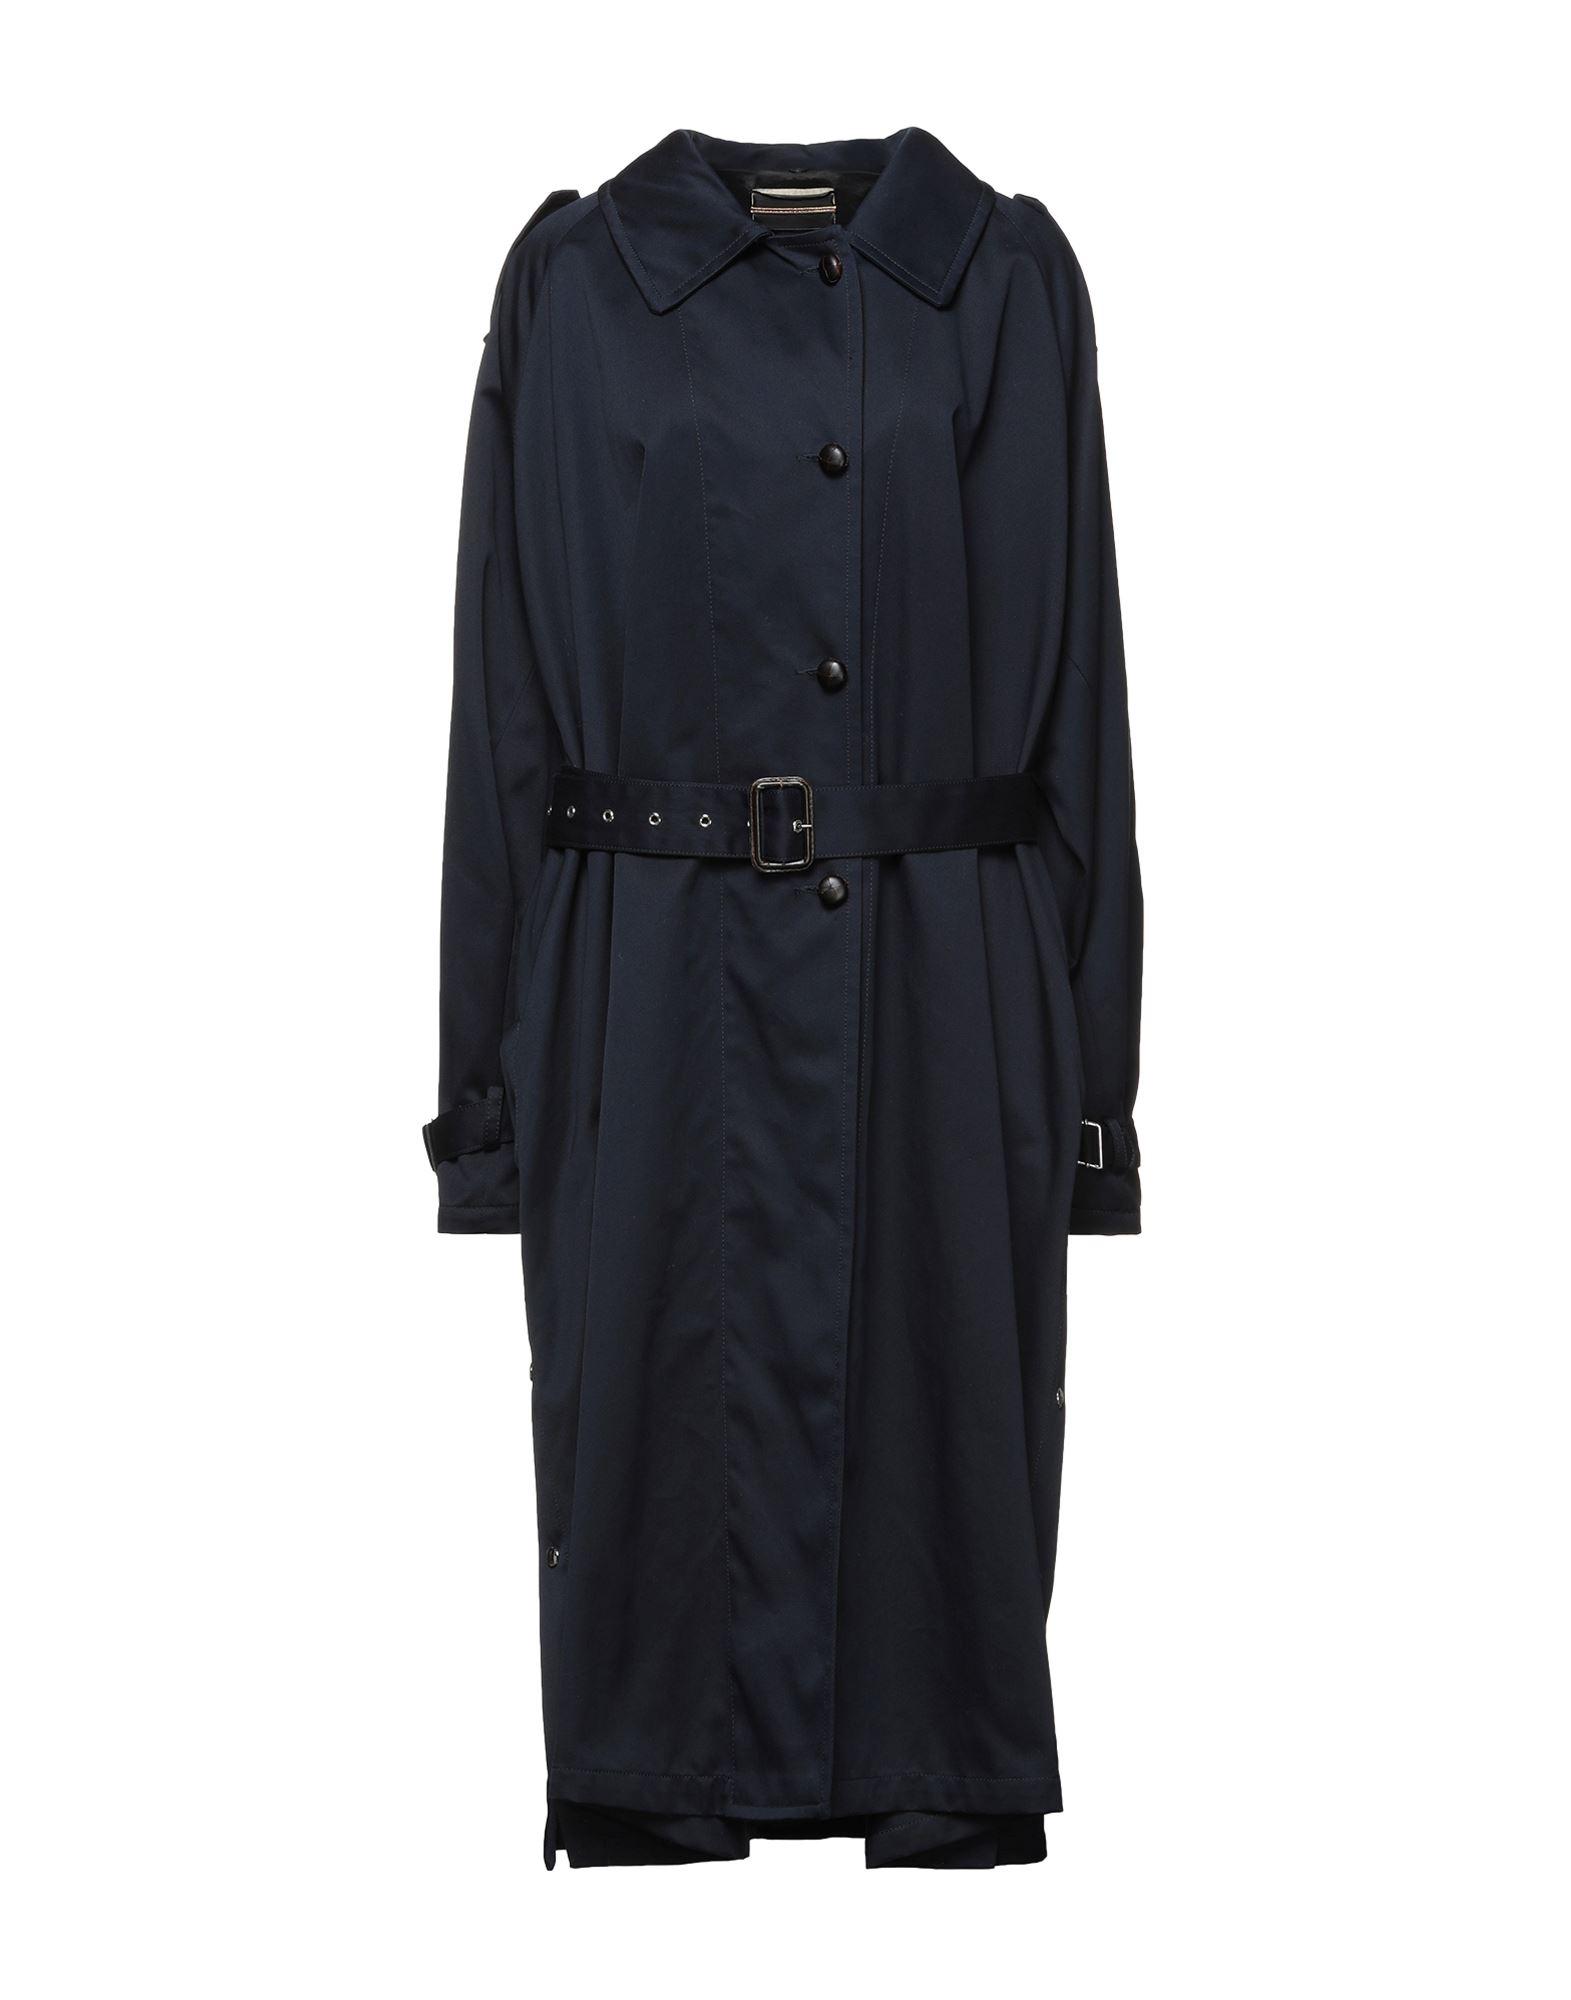 HMN 23 Легкое пальто